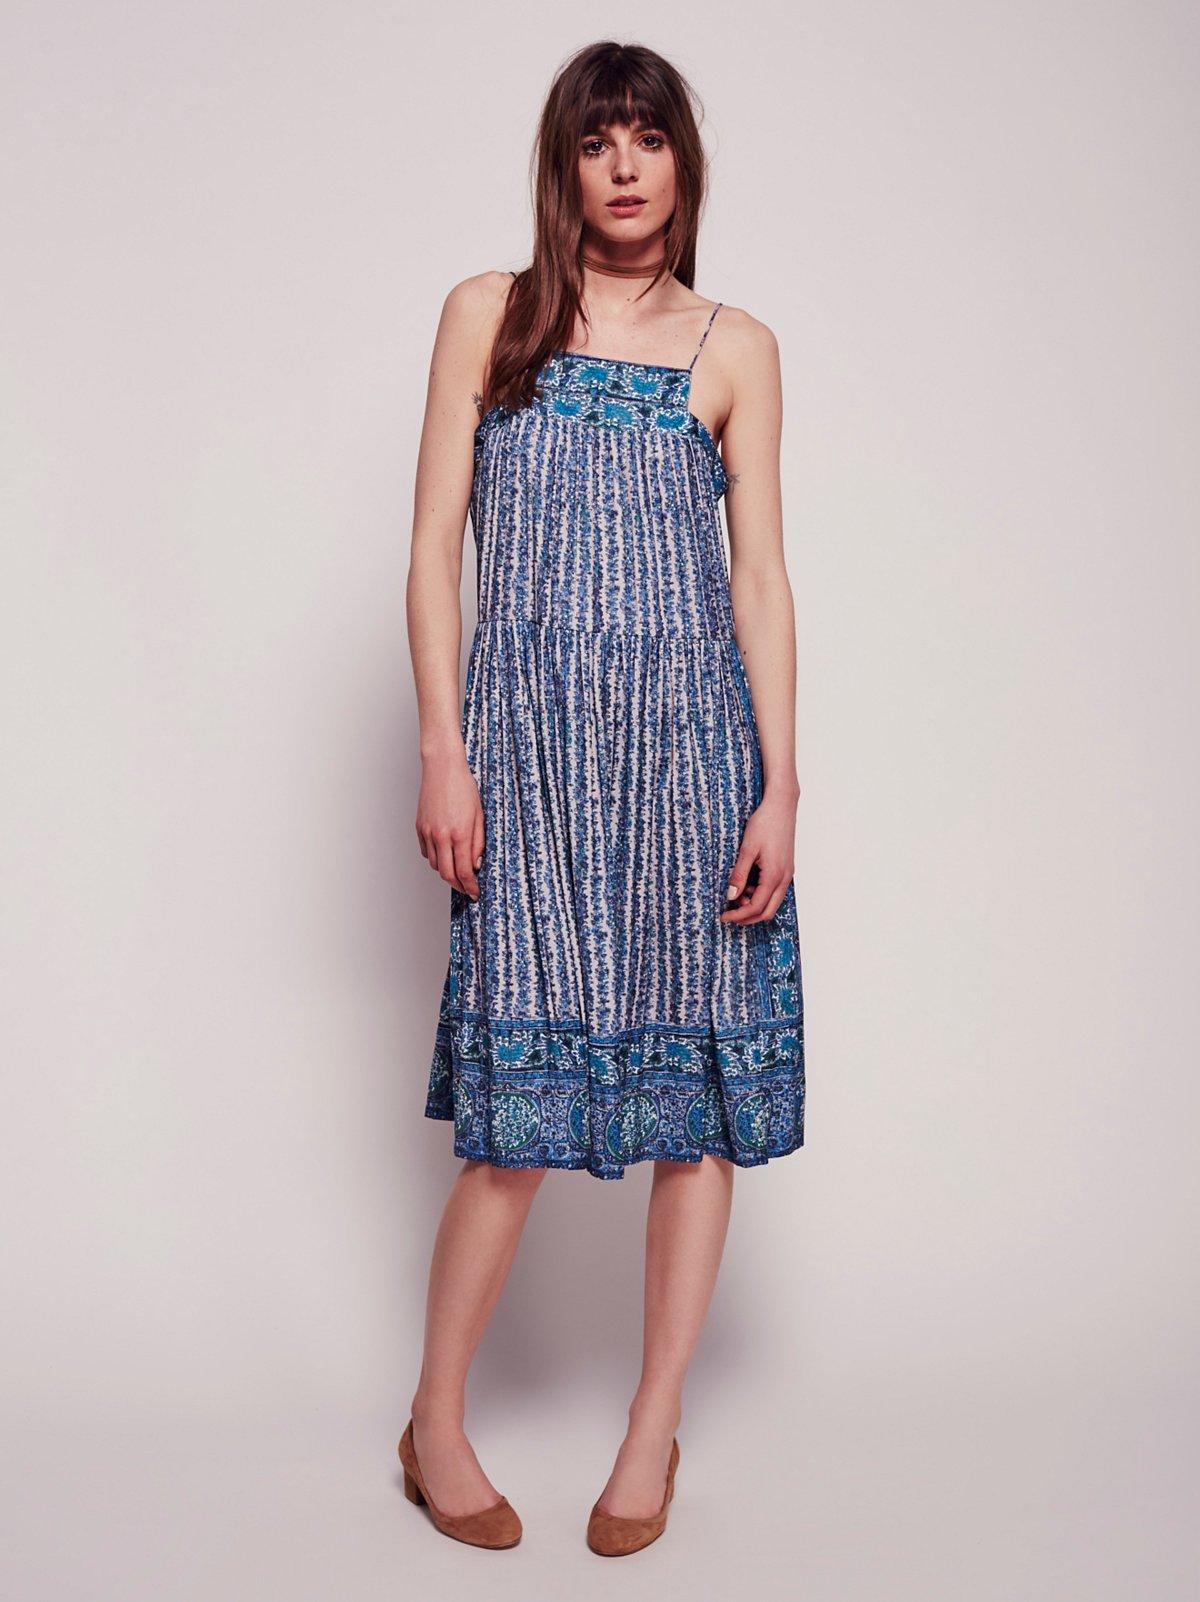 Lost in a Dream Midi Dress